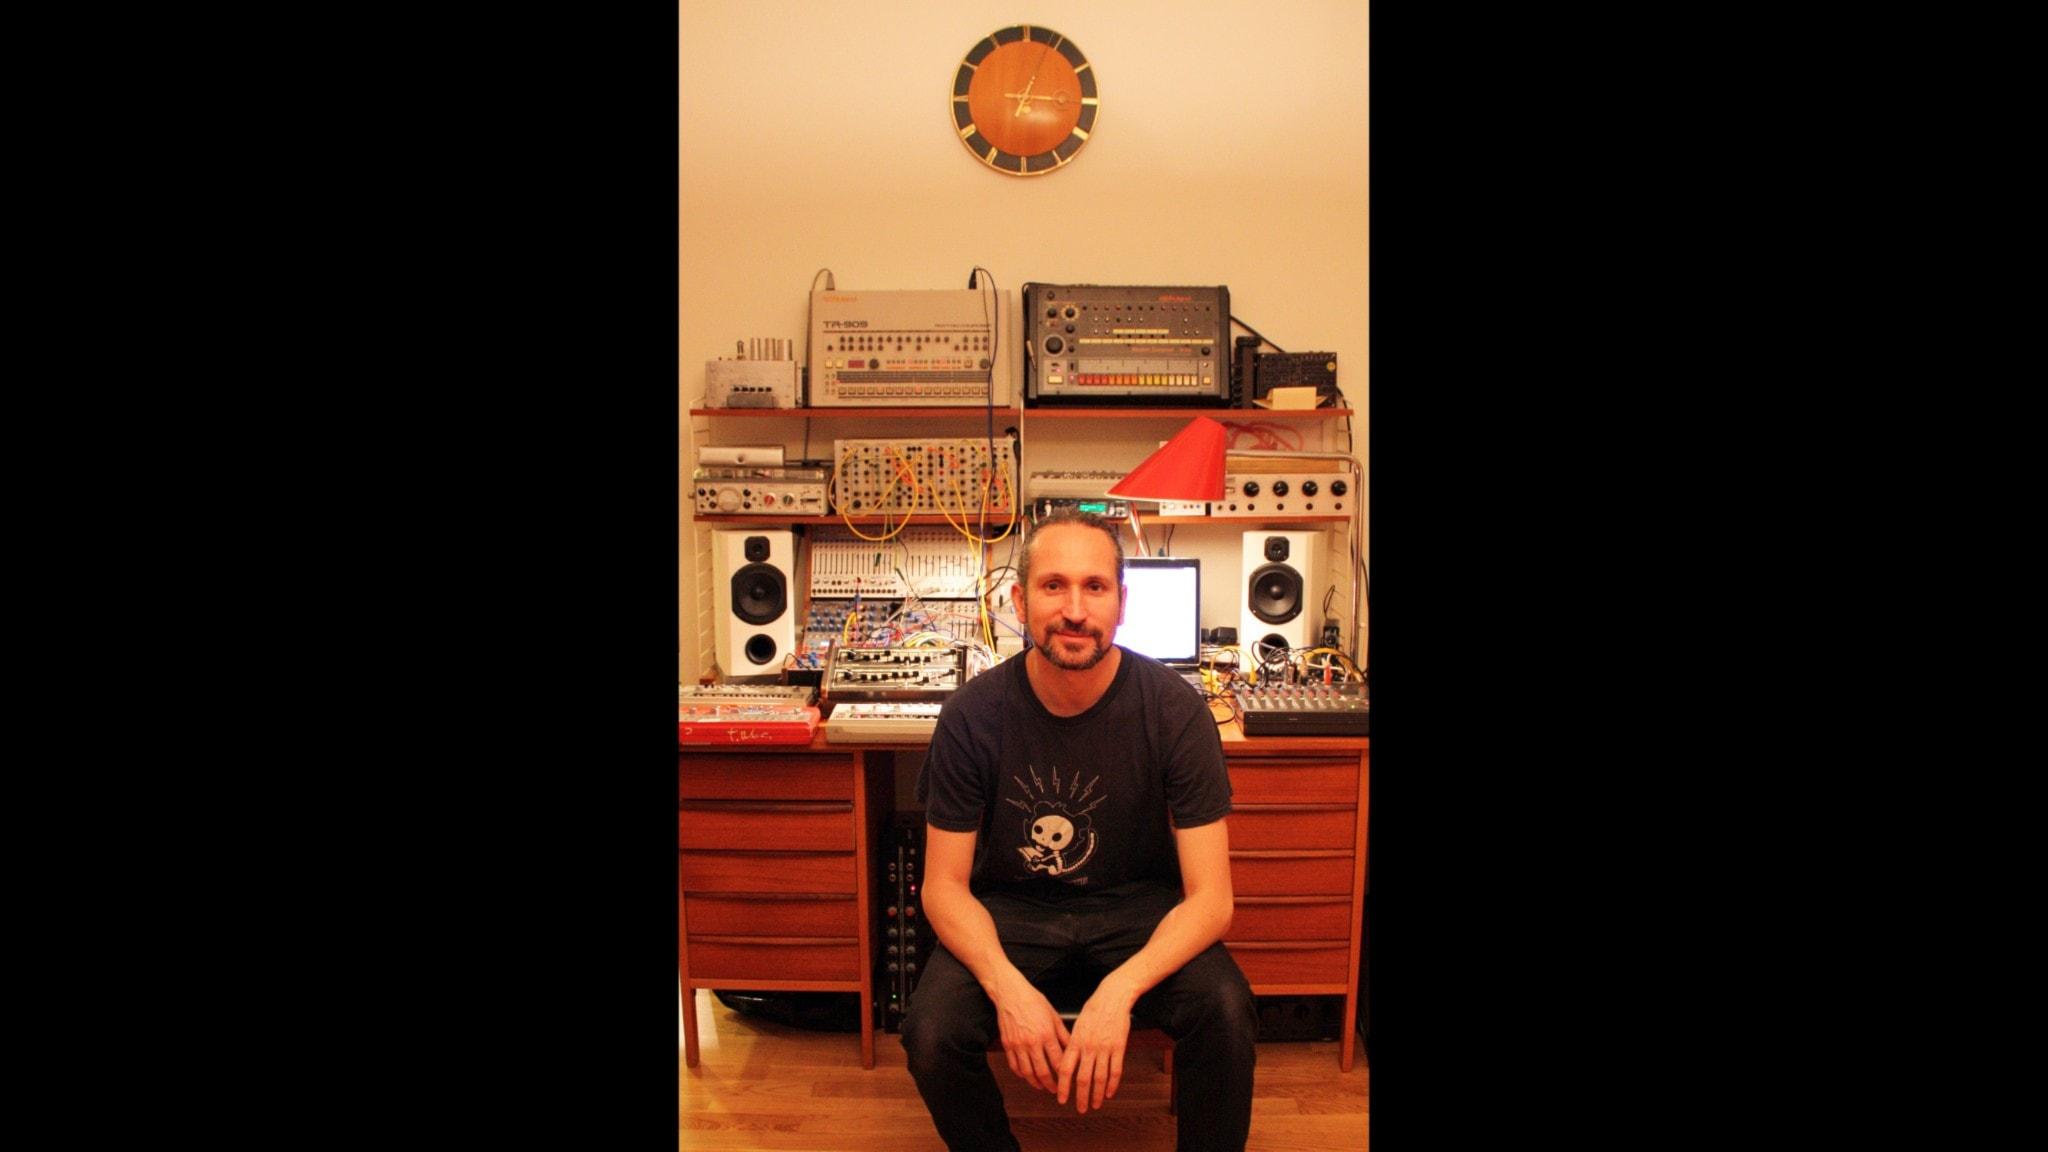 Daniel Araya bär svart t-shirt med tryck. Han har skägg och bakåtstruket hår. Han sitter med ett leende framför sina syntar i studion.